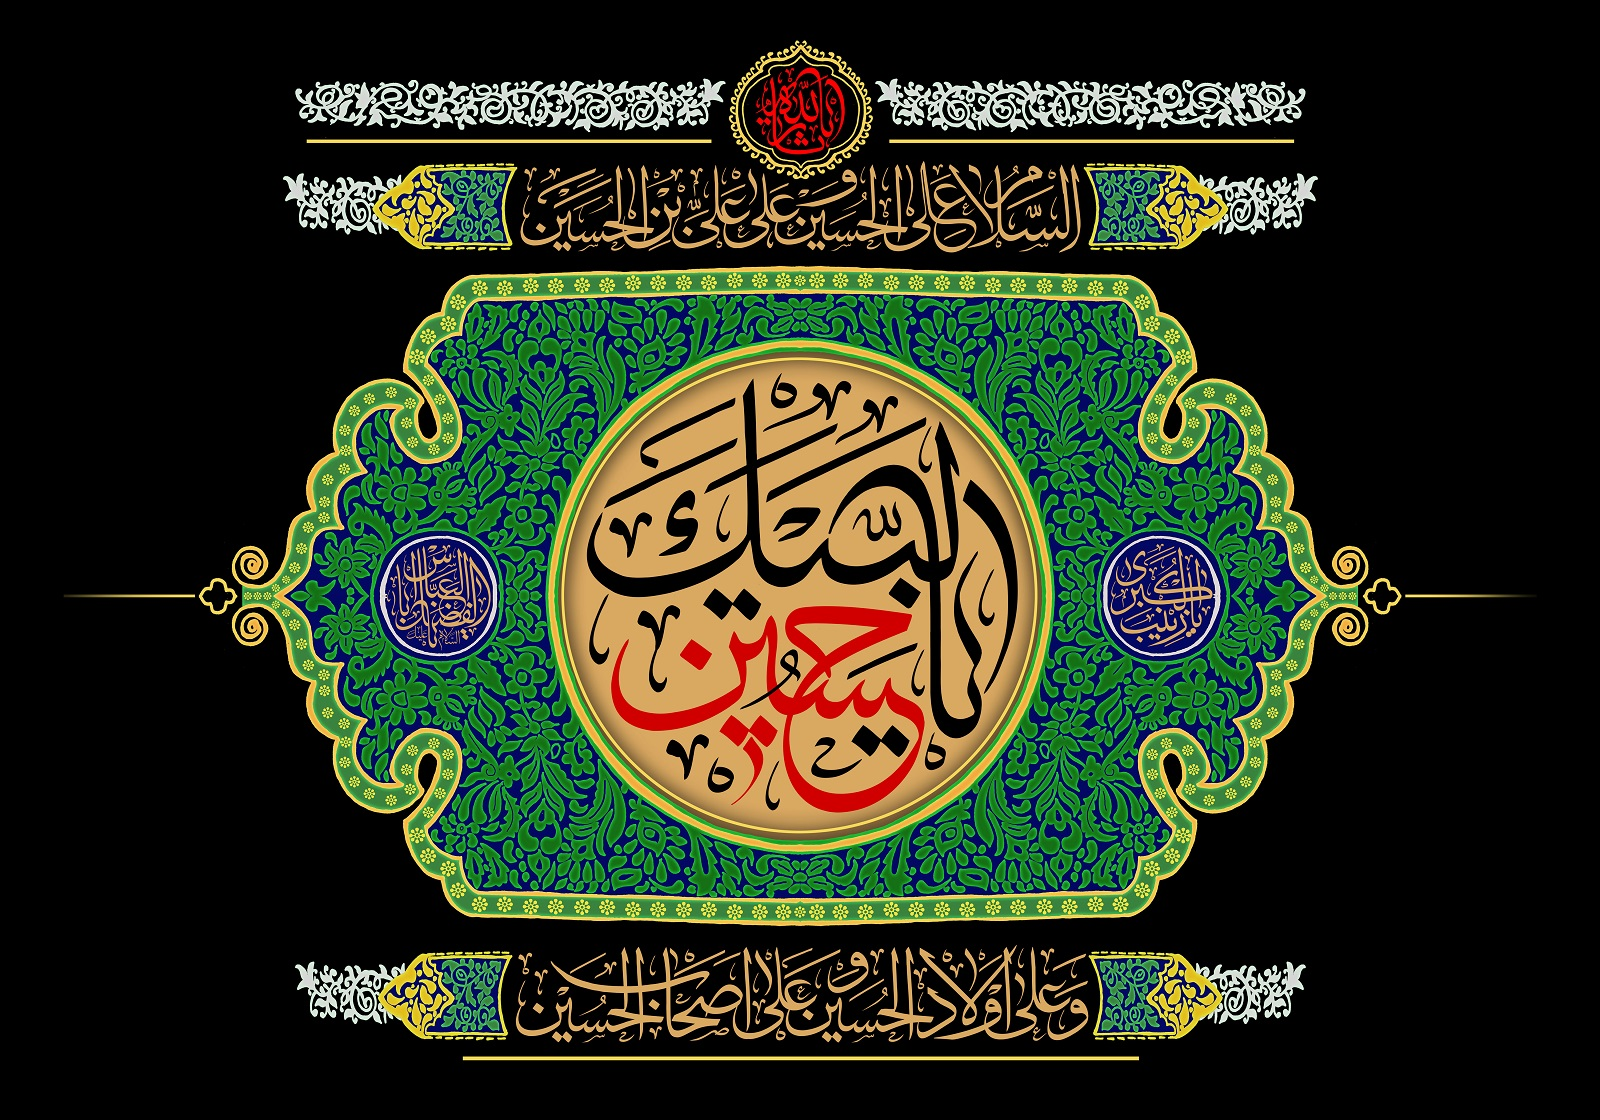 پوستر شهادت امام حسین علیه السلام (29)